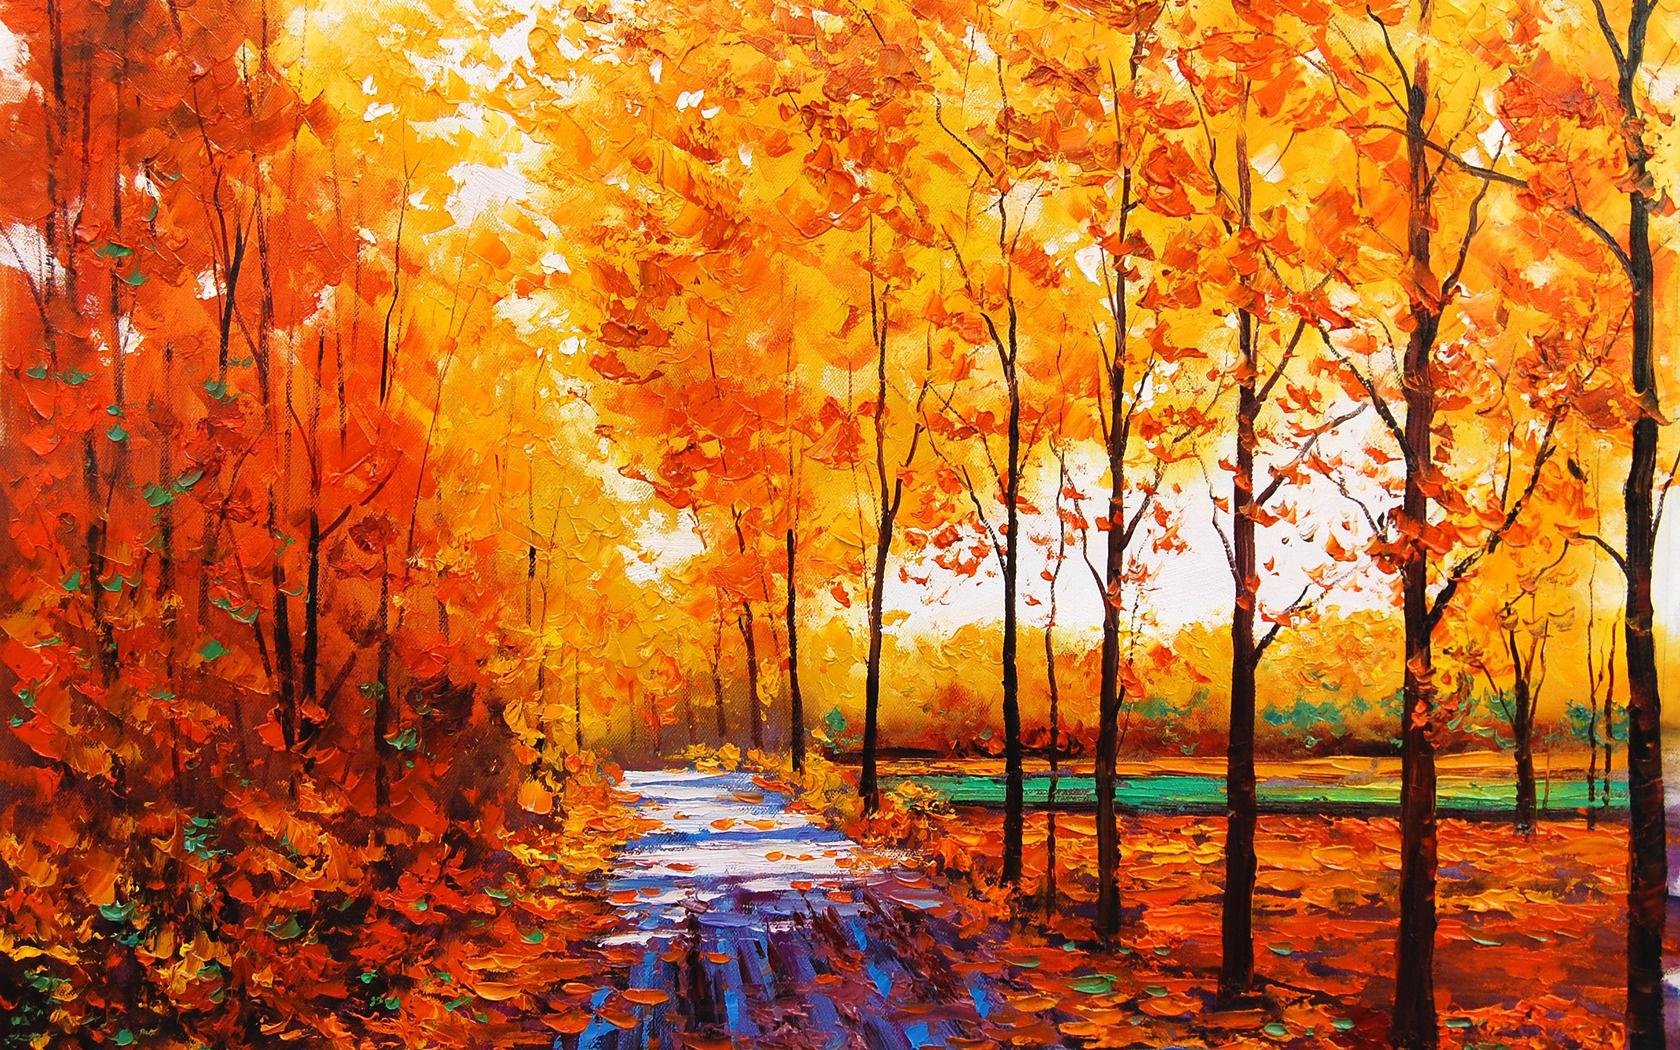 Картинки природы осенью для детей, летием снятия блокады